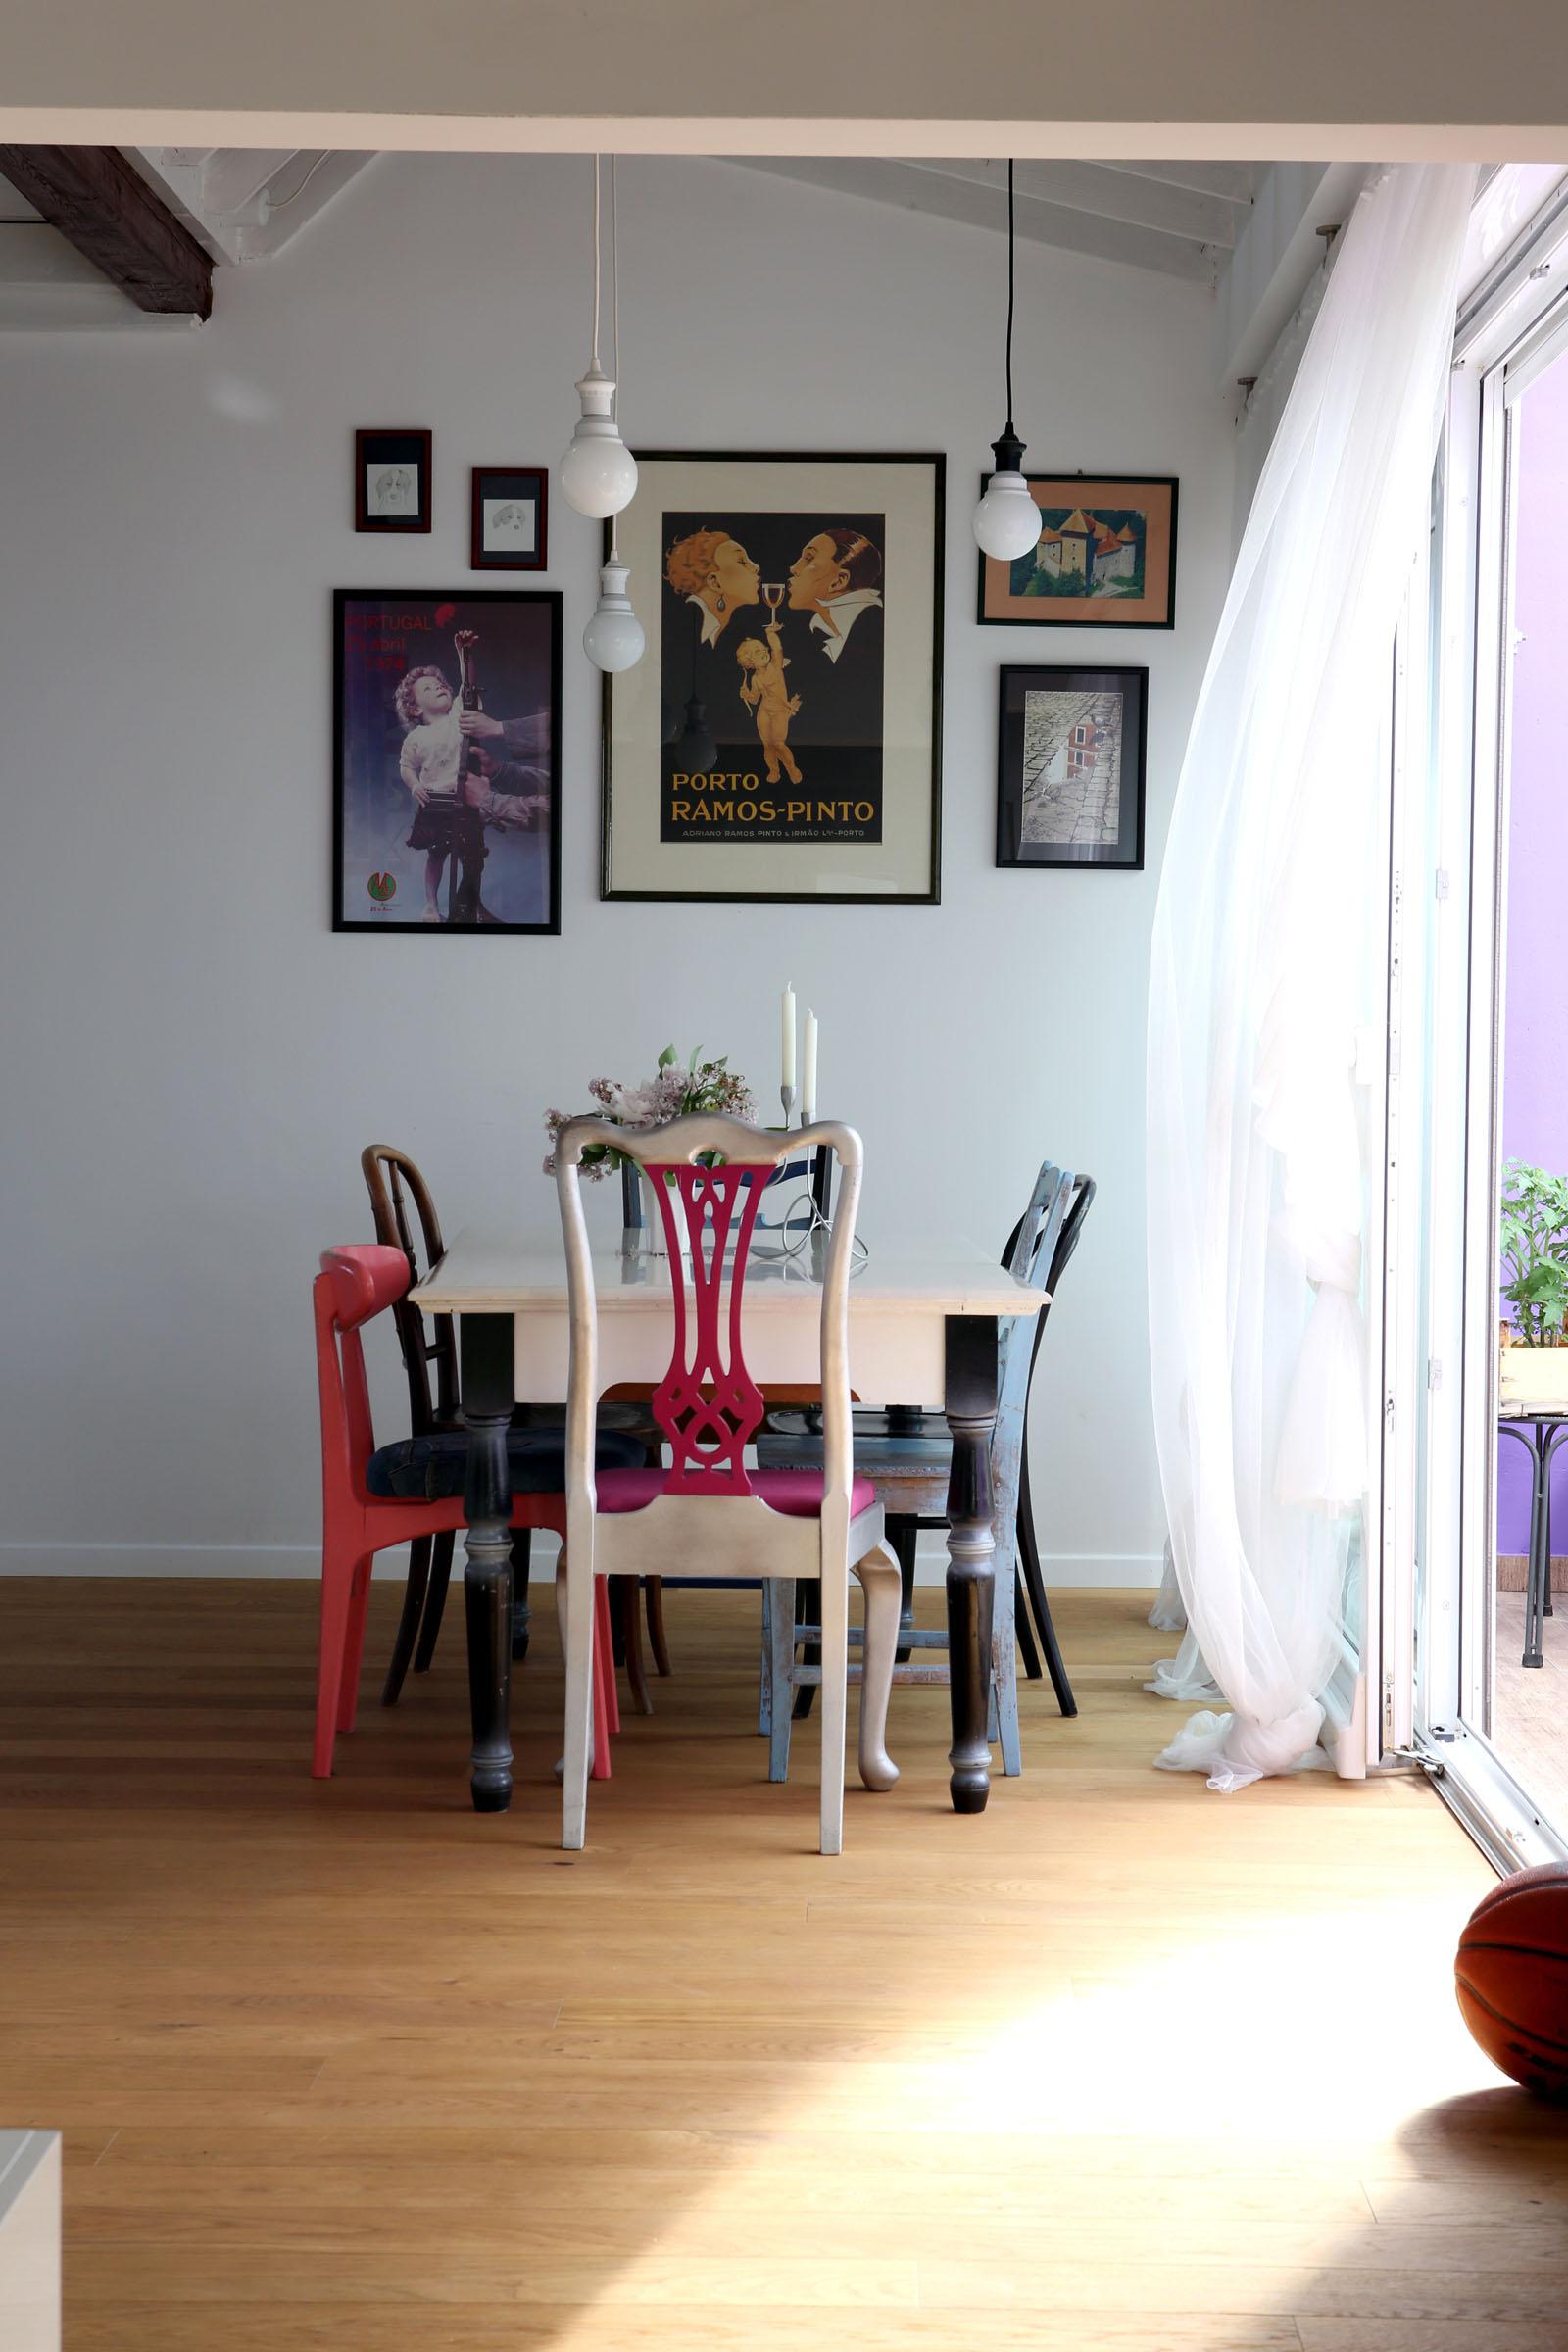 Zagreb, 030513. Stan na Jarunu u potkrovlju uredili su sami vlasnici Zoran Skoric i Kristina Carpucci. Stan ima galeriju iznad spavaceg dijela u kojem je garderoba i kuhinje u kojem je radni kutak. Kucni ljubimac mjesanac Zeus na fotkama unutar stana. Stolci u blagovaoni su skupljani godinama i vlasnica ih je sama uredila. Interijer je ispunjen sitnicama sa putovanja po svijetu. Terasa je glavni dio stana za druzenje u kojem dominira zid u ljubicastoj boji sa ljuljackom. Na fotografiji: detalj iz stana. Foto: Berislava Picek / CROPIX